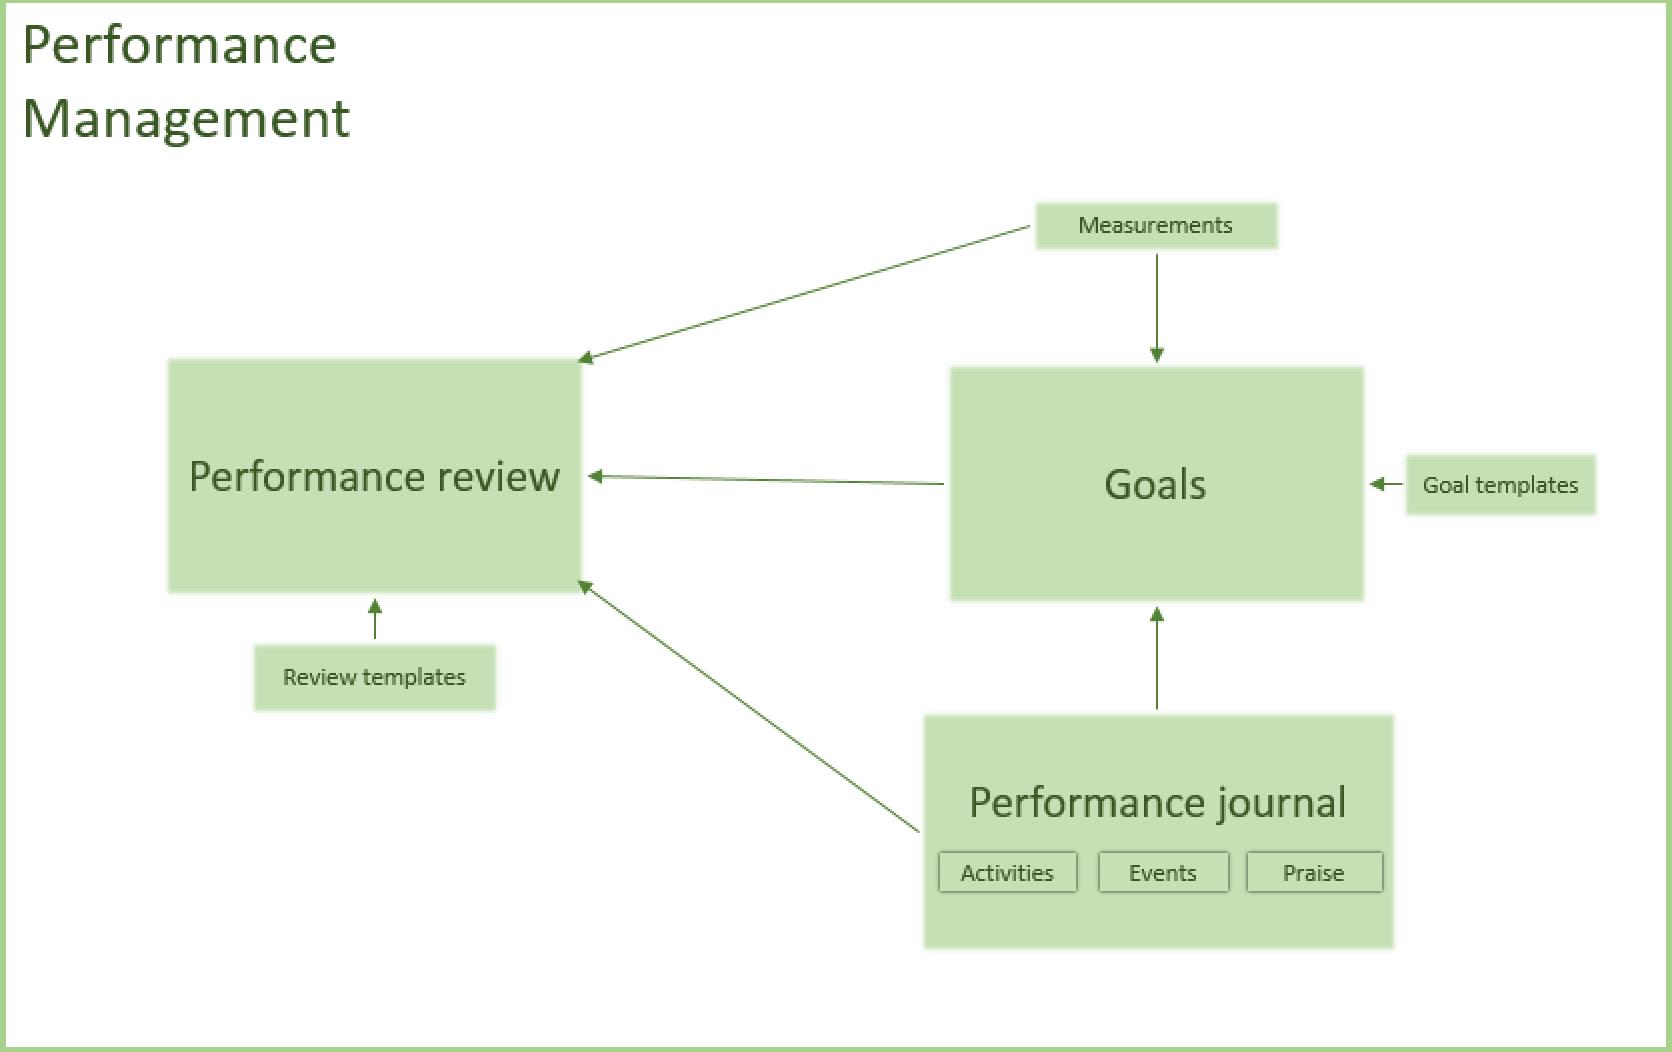 Gestión del rendimiento - Finance & Operations | Dynamics 365 ...